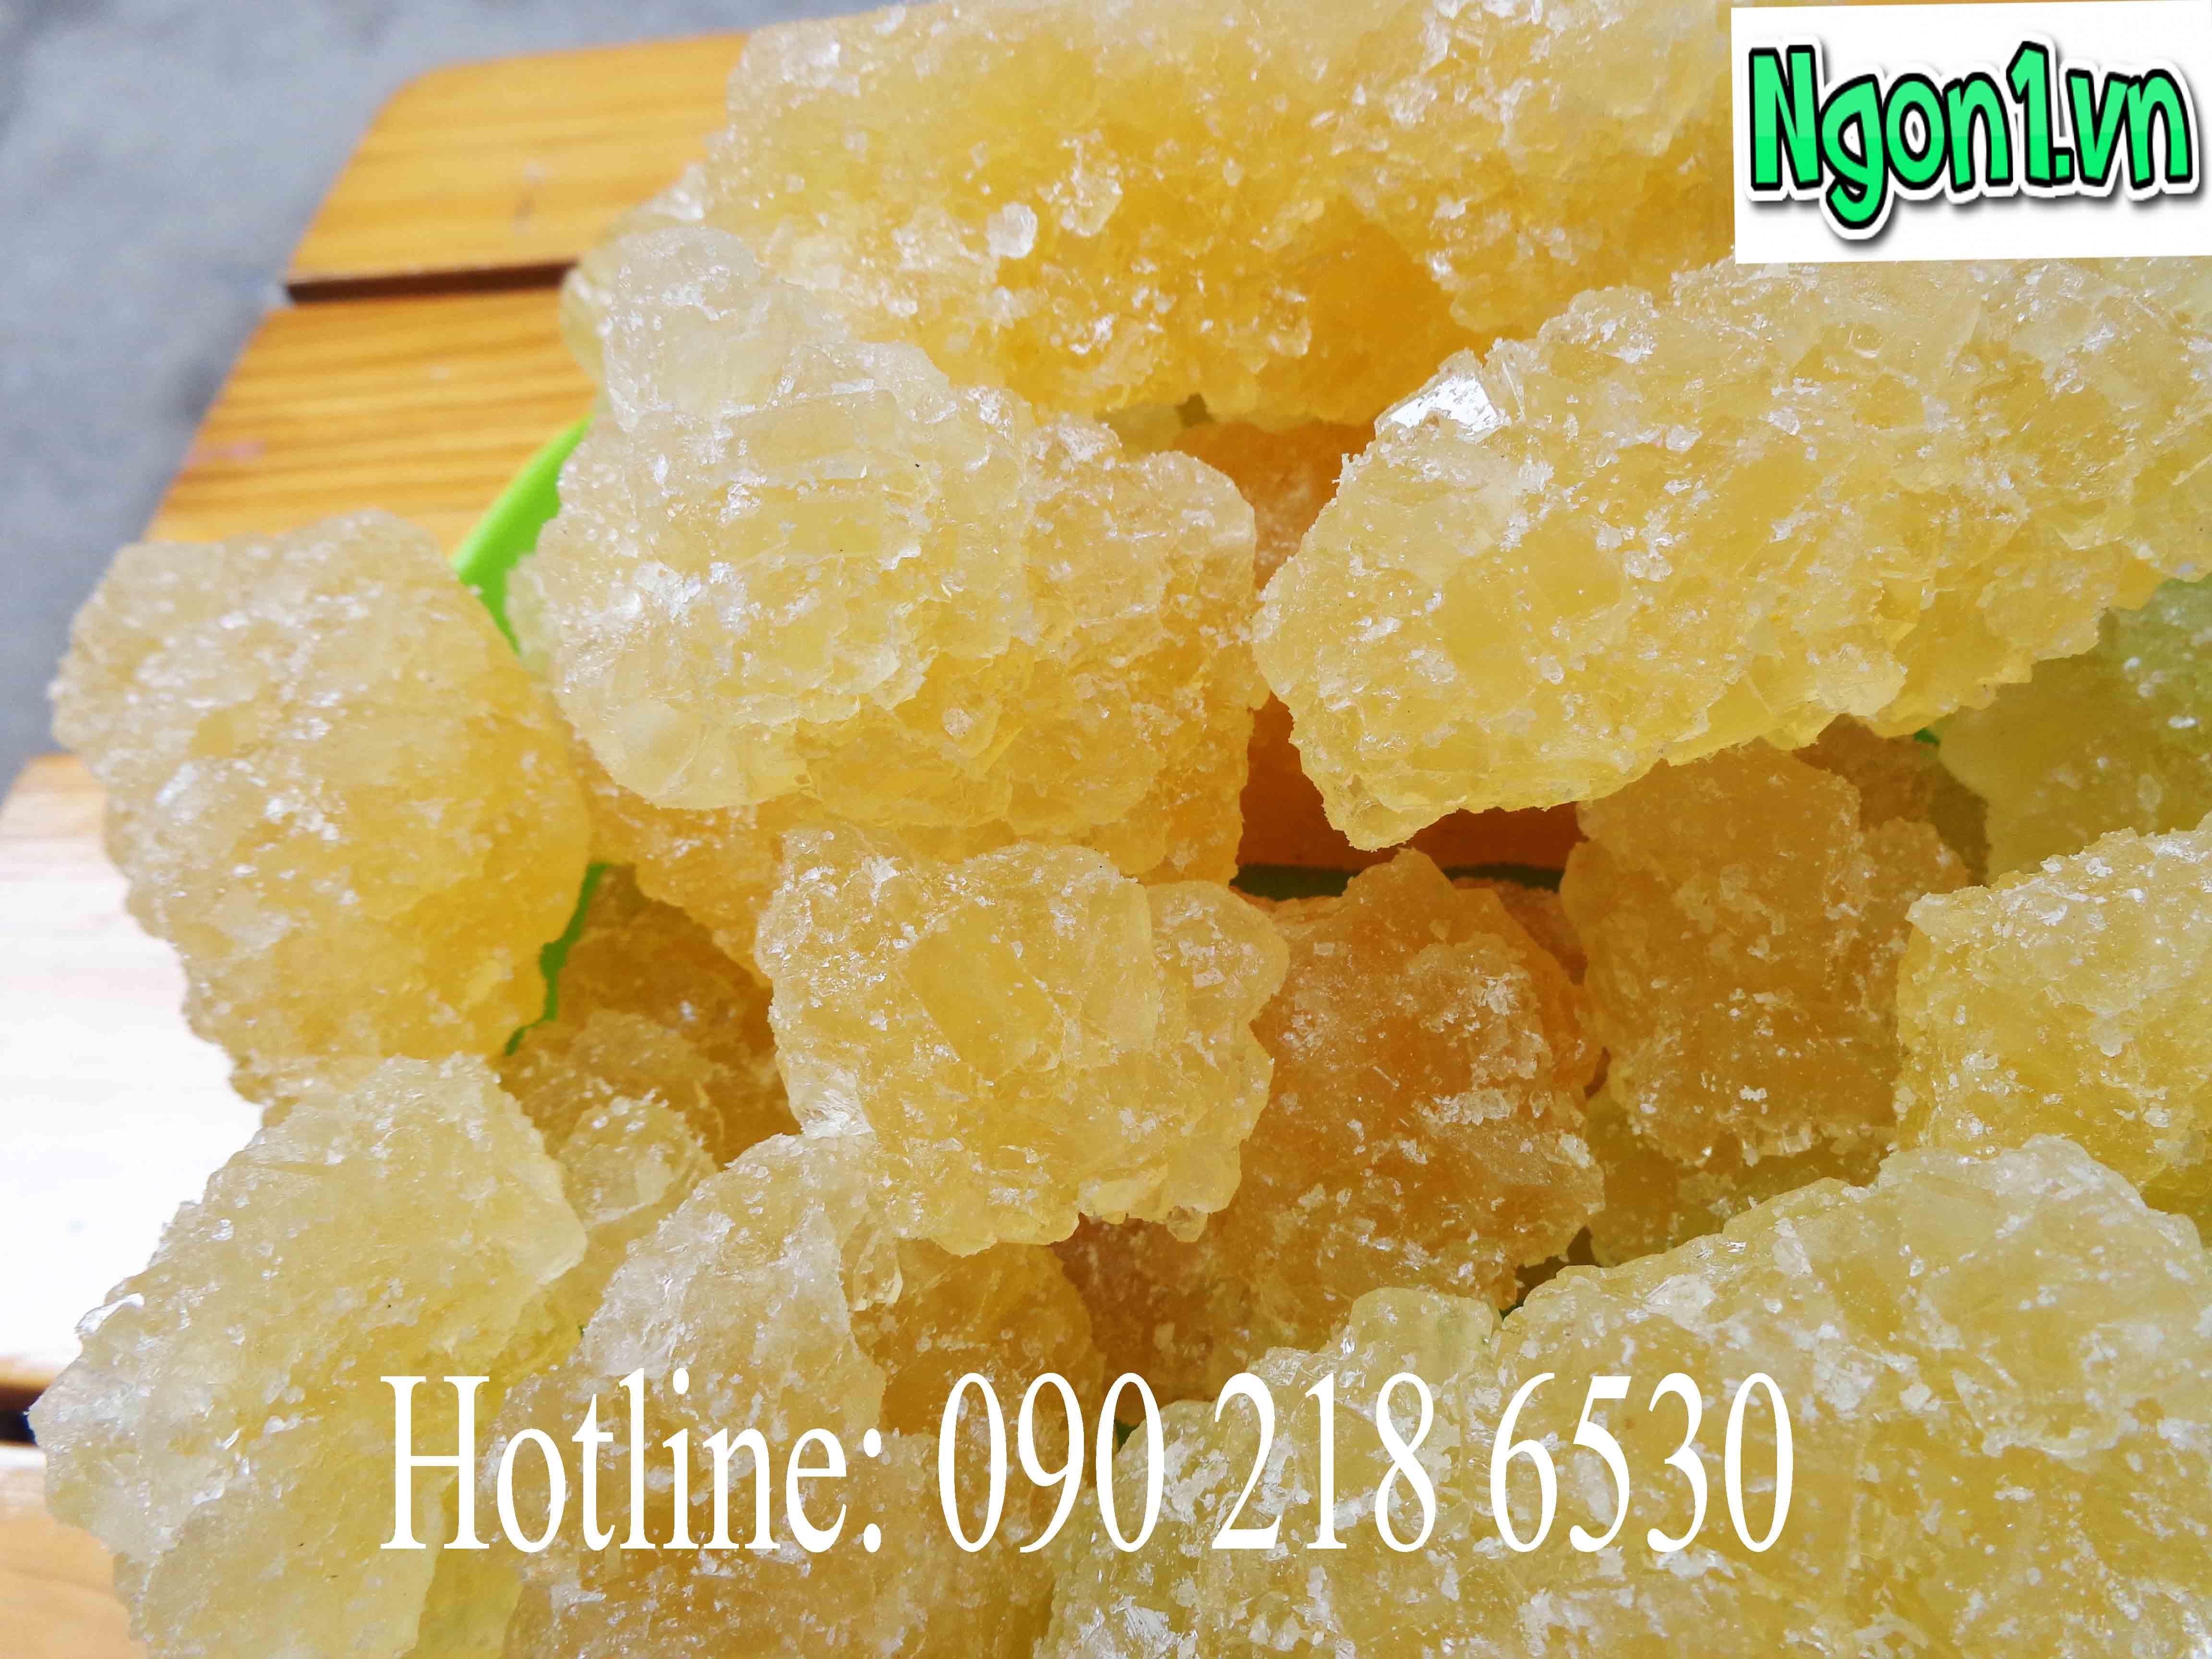 Đường phèn vàng Quảng Ngãi chính hiệu - Hotline: 0902186530